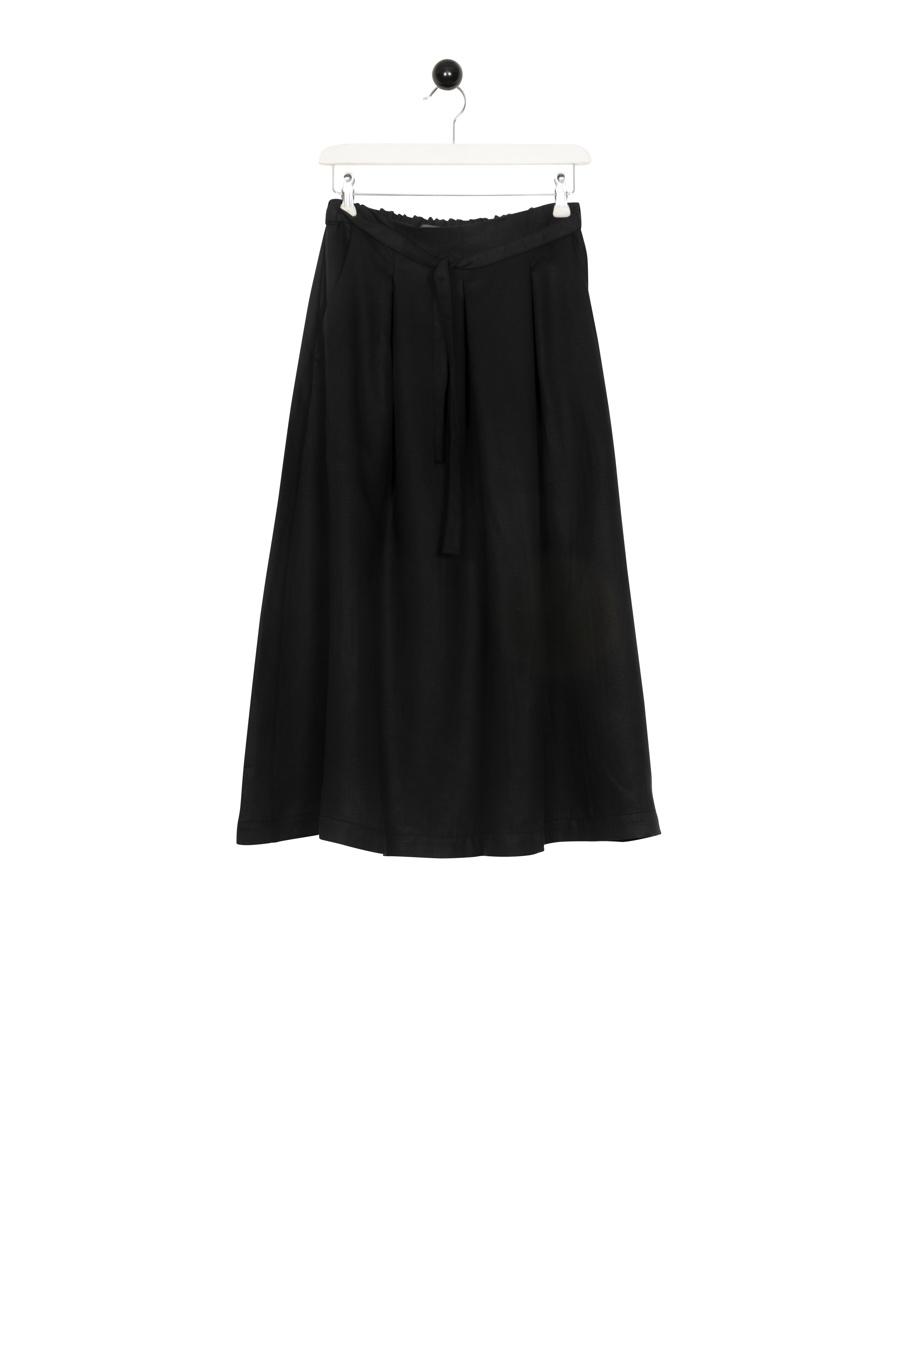 Årsta Skirt